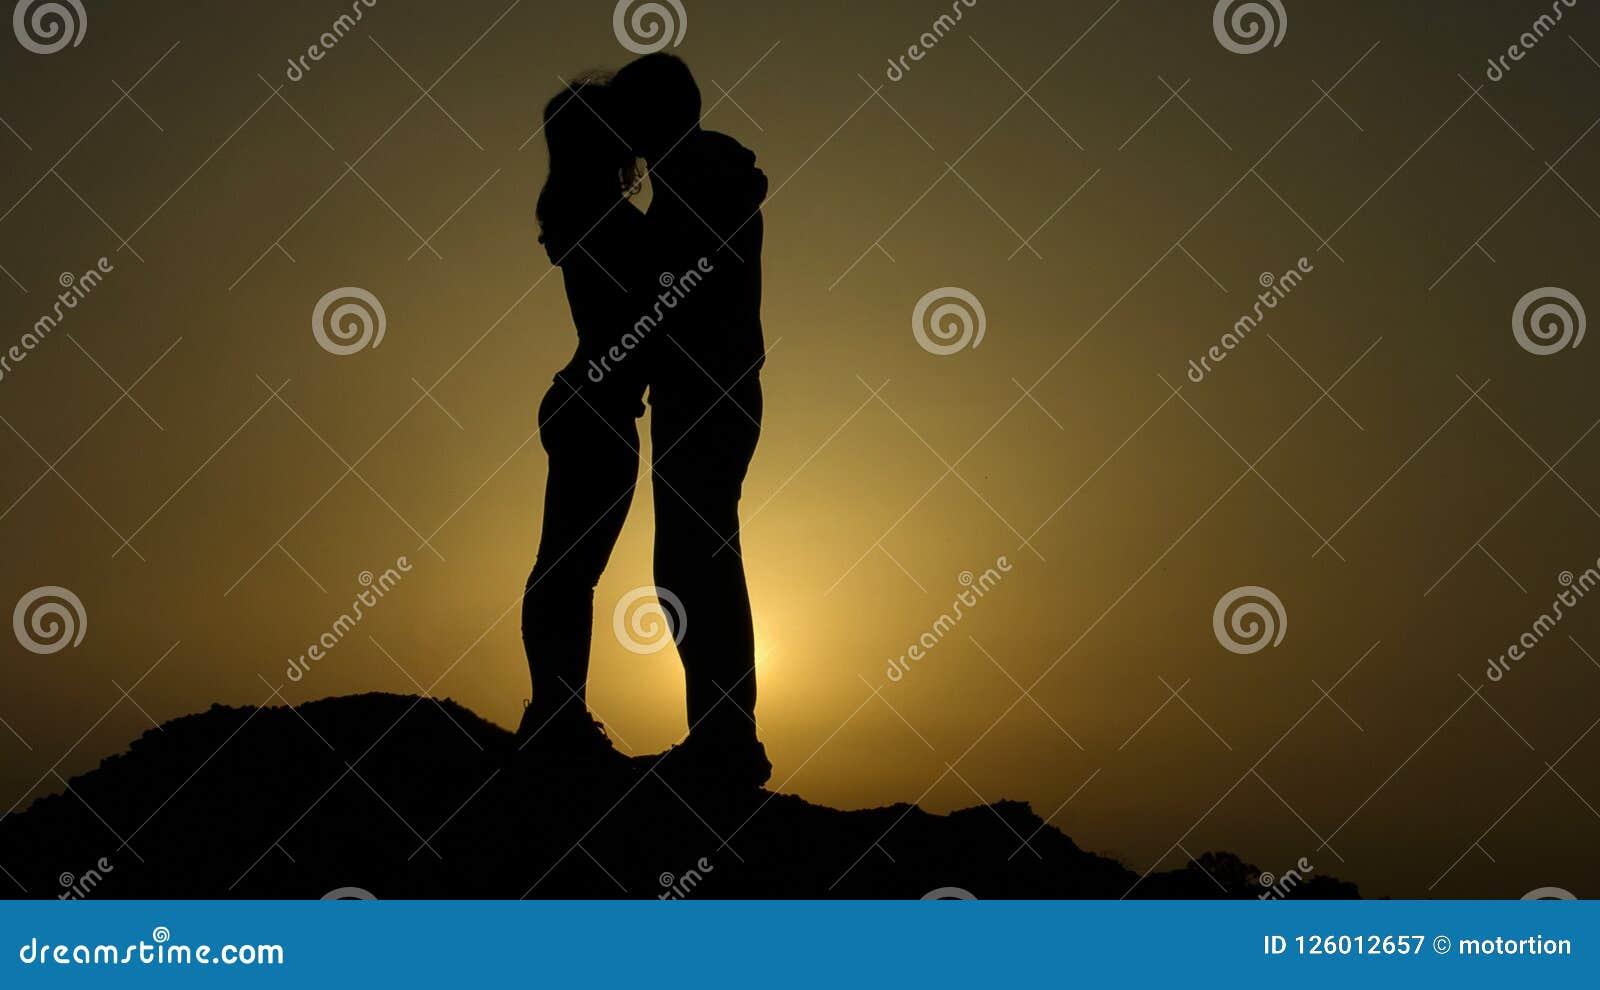 Konturer av nygifta personer kopplar ihop att kyssa passionately, den romantiska kärlekshistorien